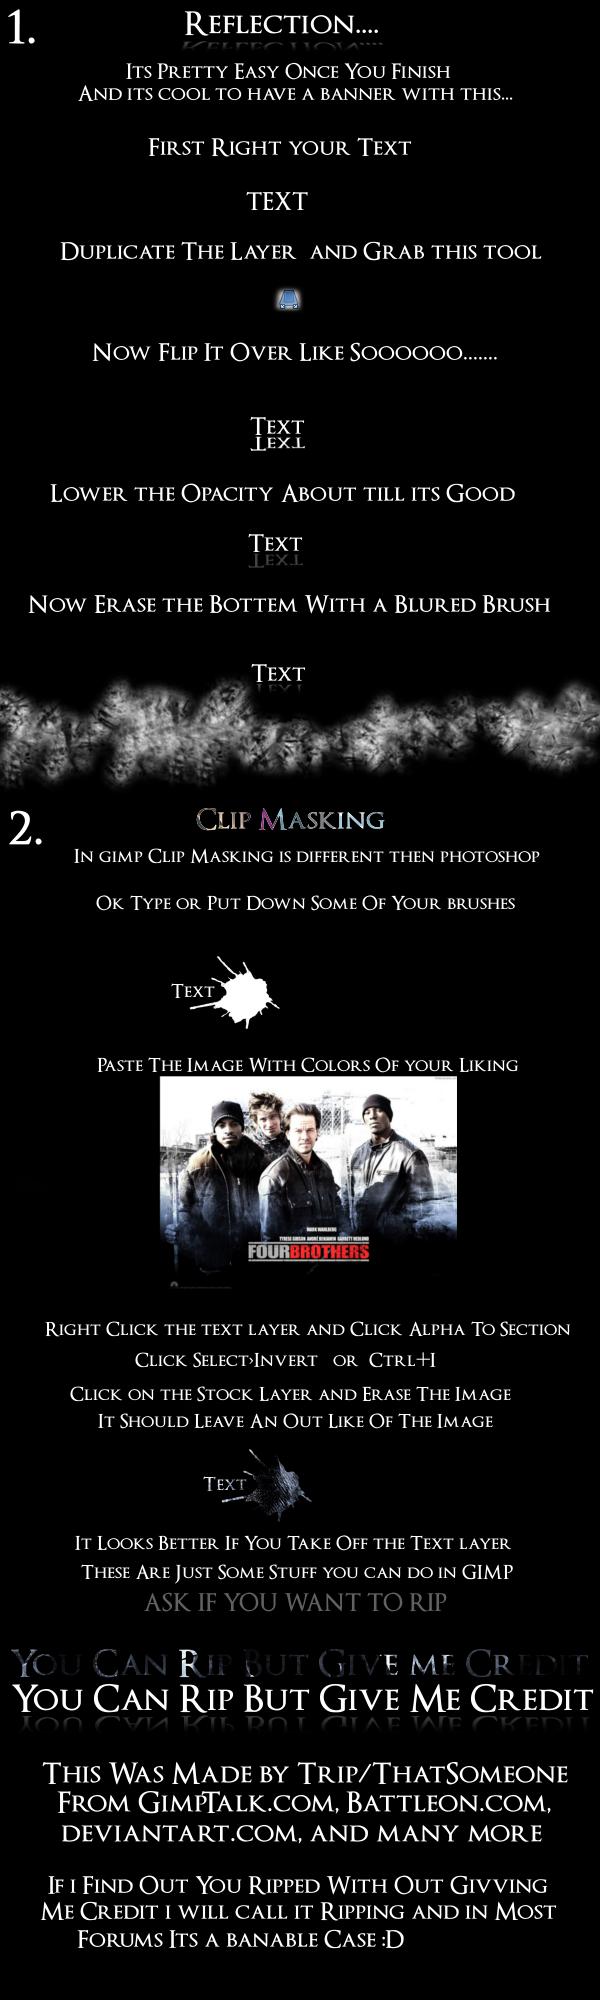 gimp clipart download - photo #46